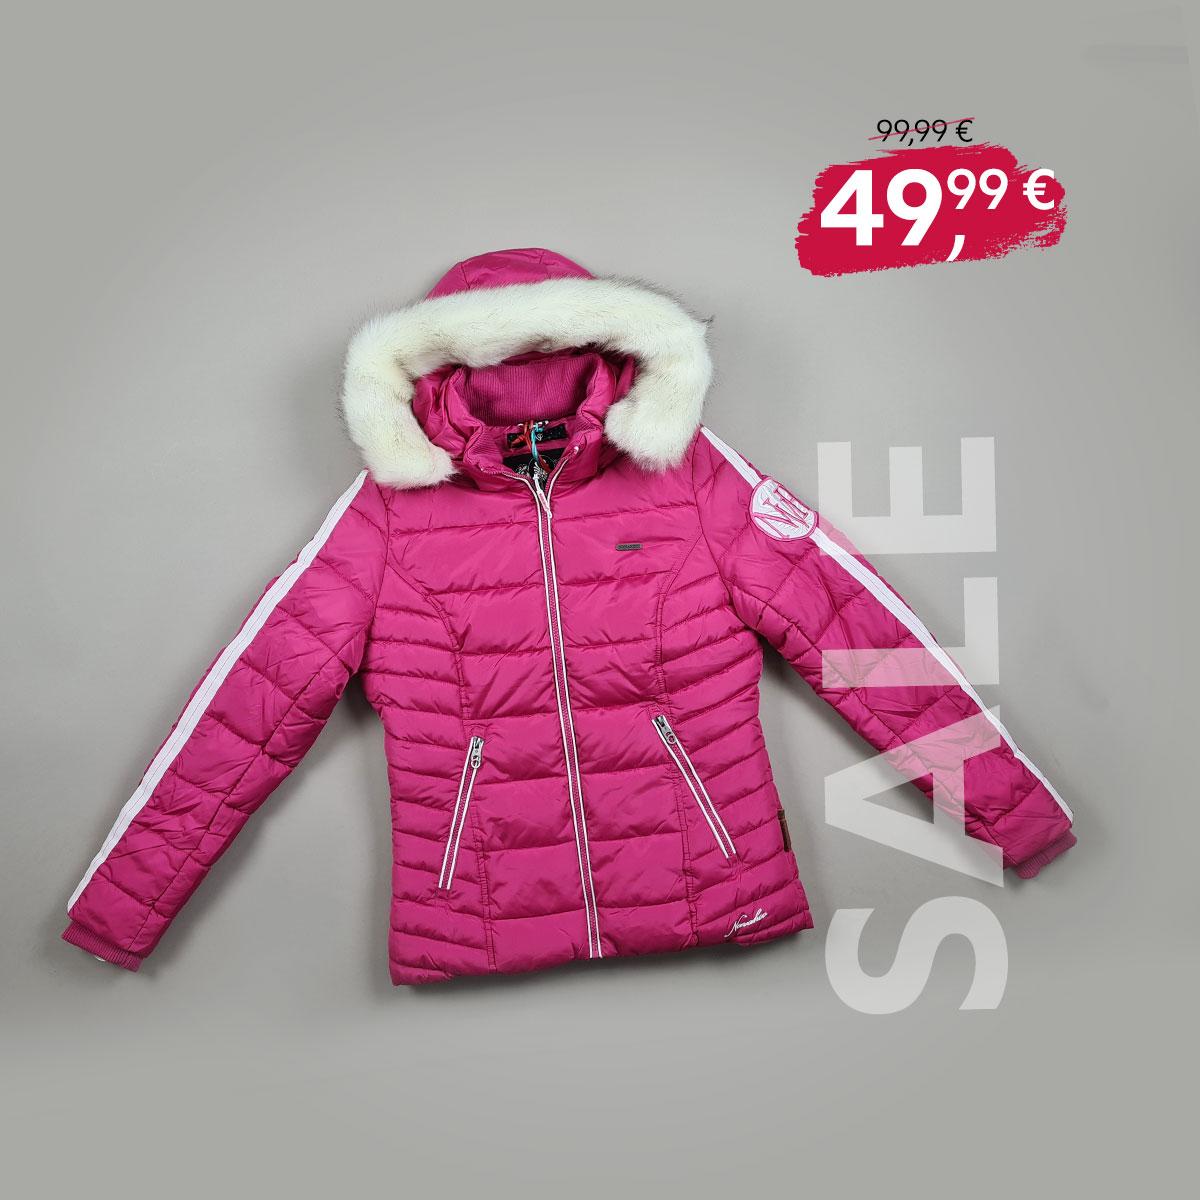 SALE: Navahoo Winterjacke pink